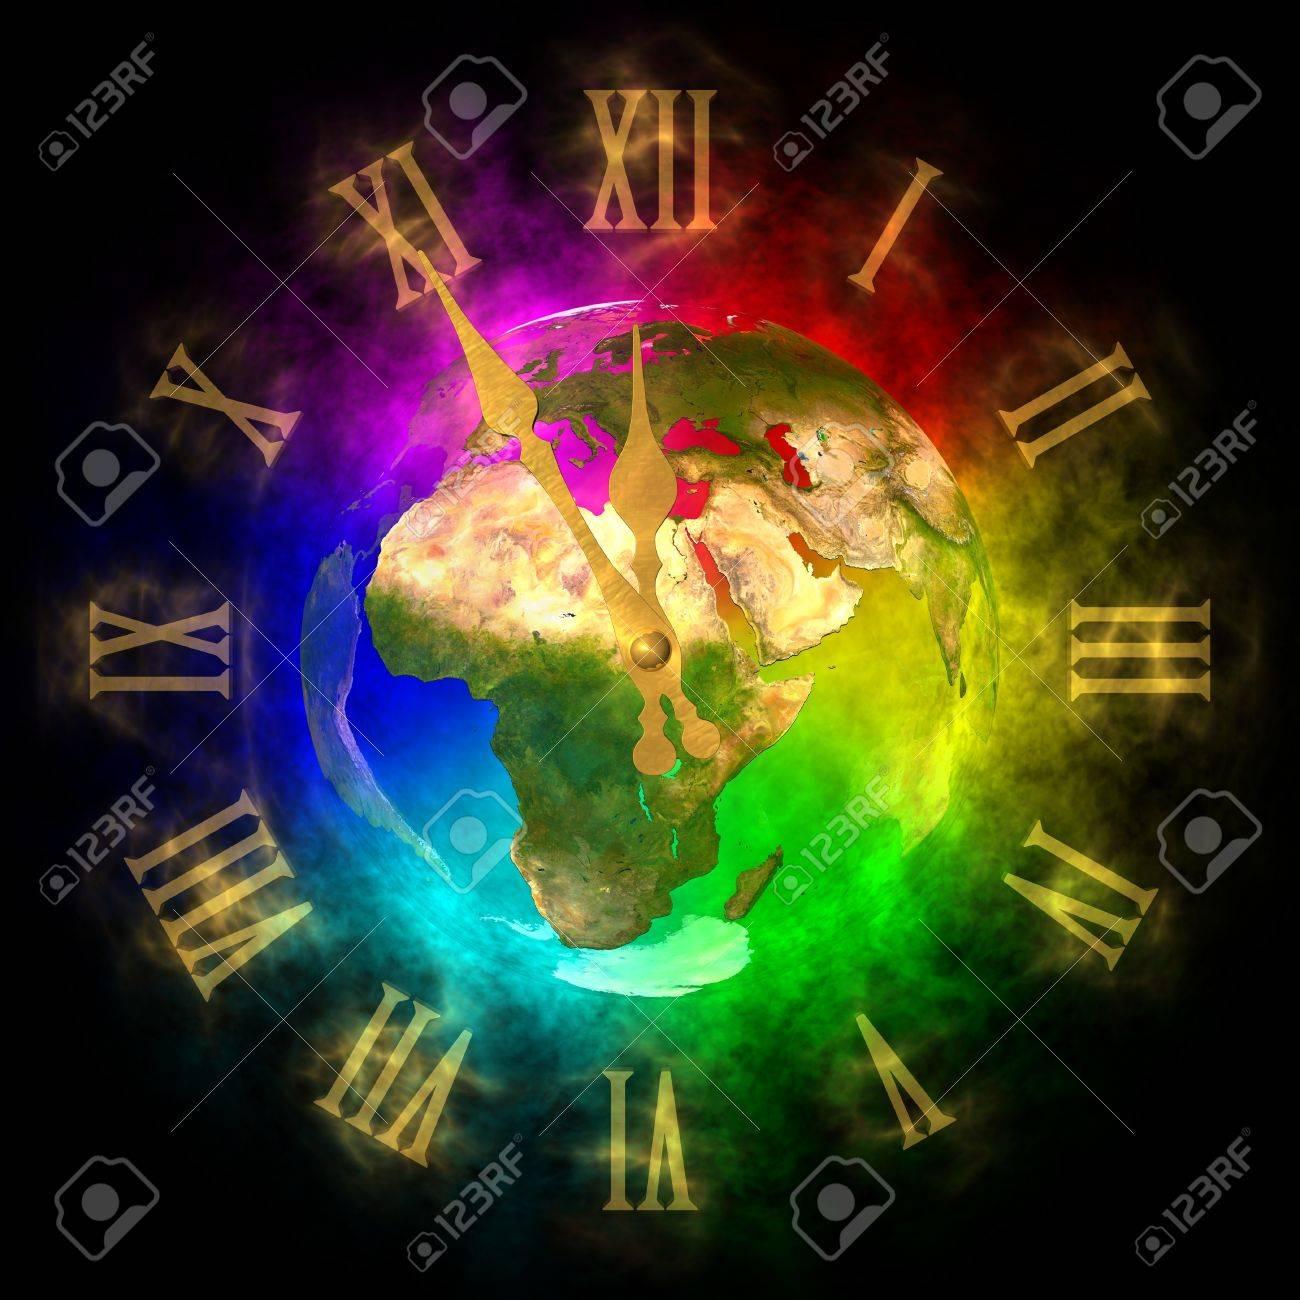 Cosmic clock - optimistic future on Earth - Europe Stock Photo - 13741975